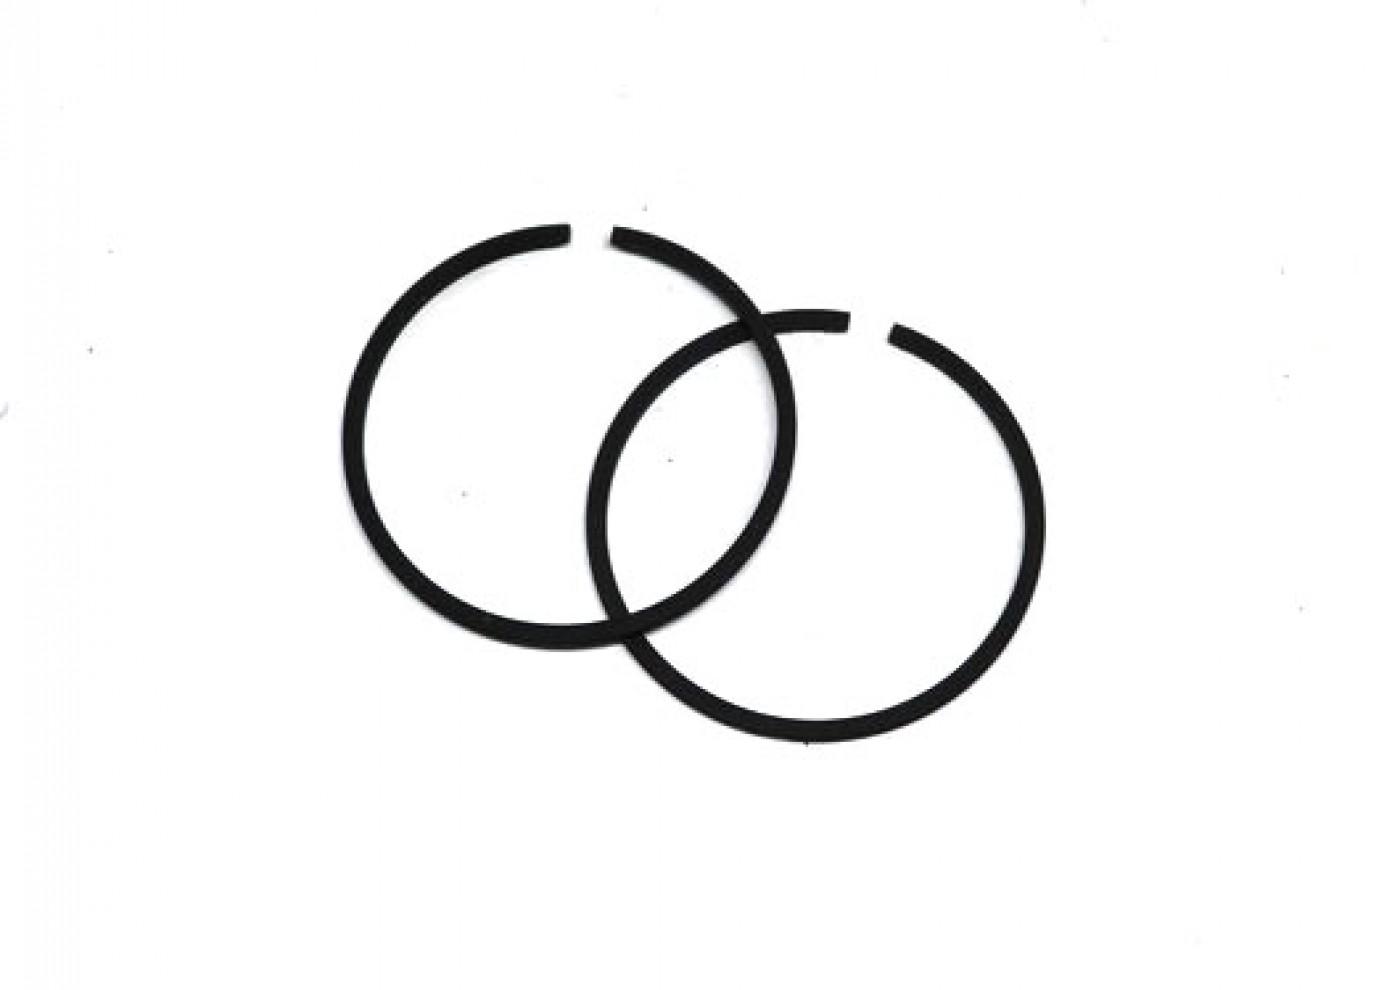 Sada pístních kroužků - 44 mm